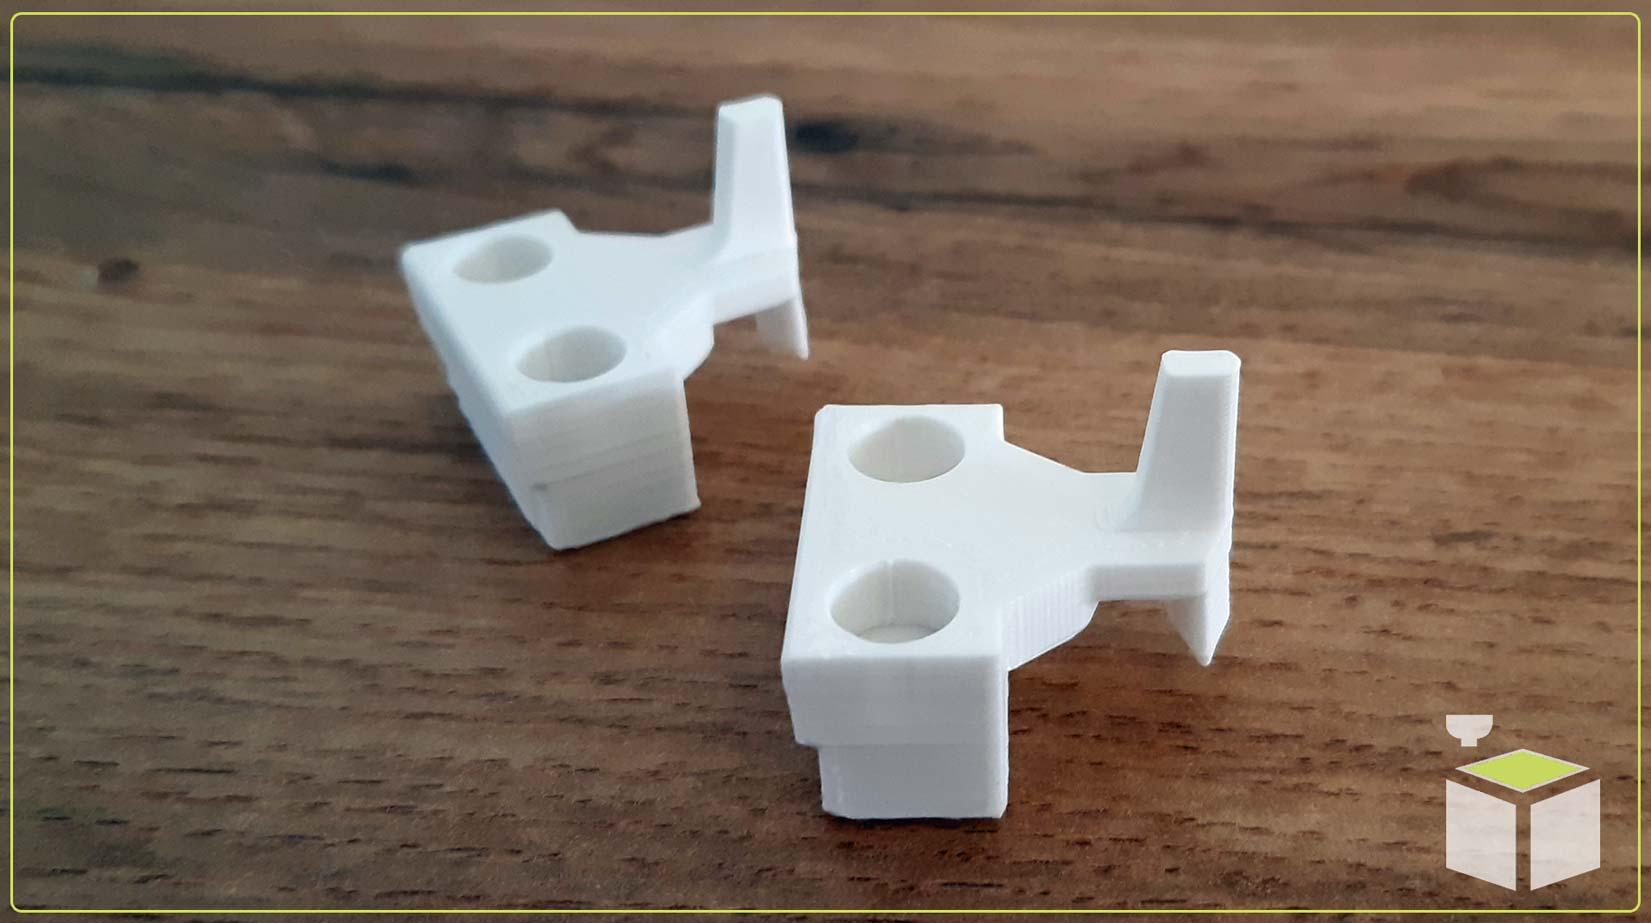 náhradné diely 3D tlačou